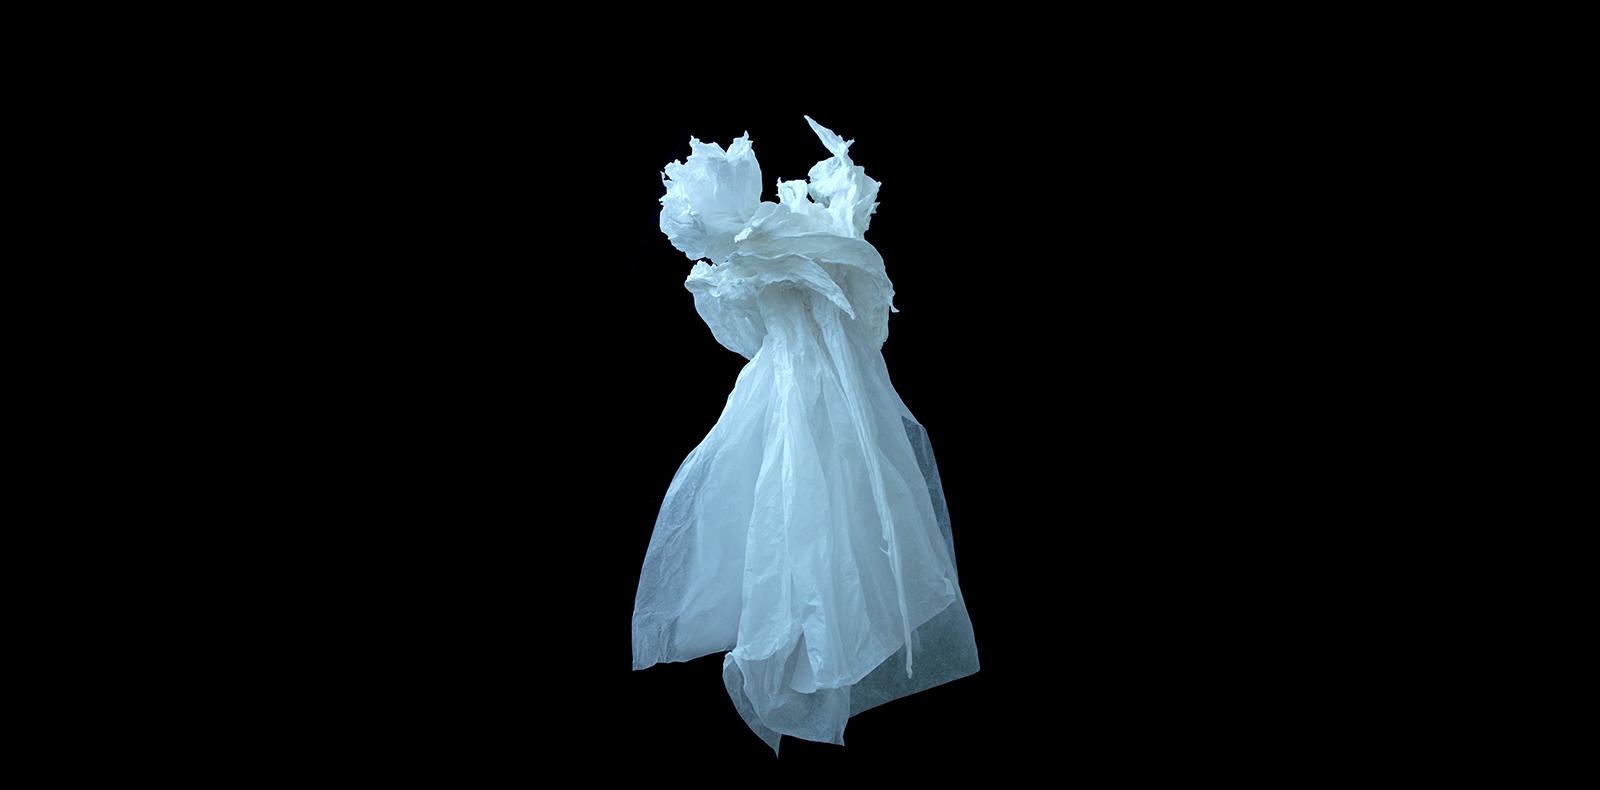 """Claudine Drai, """"Sans titre"""", 2018 Sculpture Papier de soie 120 x 70 x 70 cm © Adagp, Paris 2018-2019"""